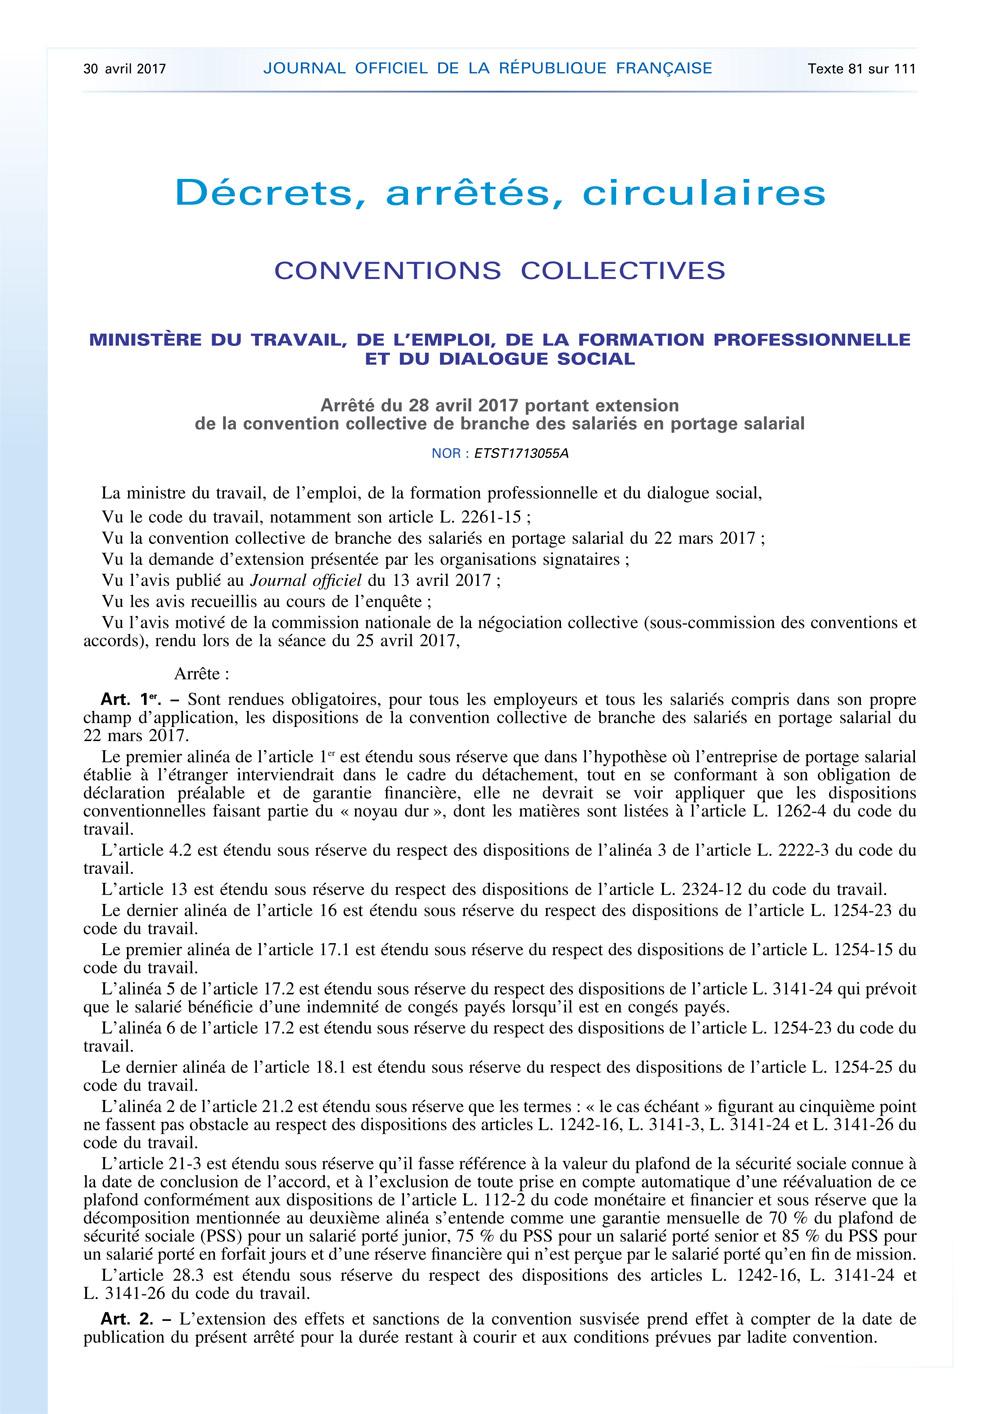 Arrêté du 28 avril 2017 portant extension de la convention collective de branche des salariés en portage salarial